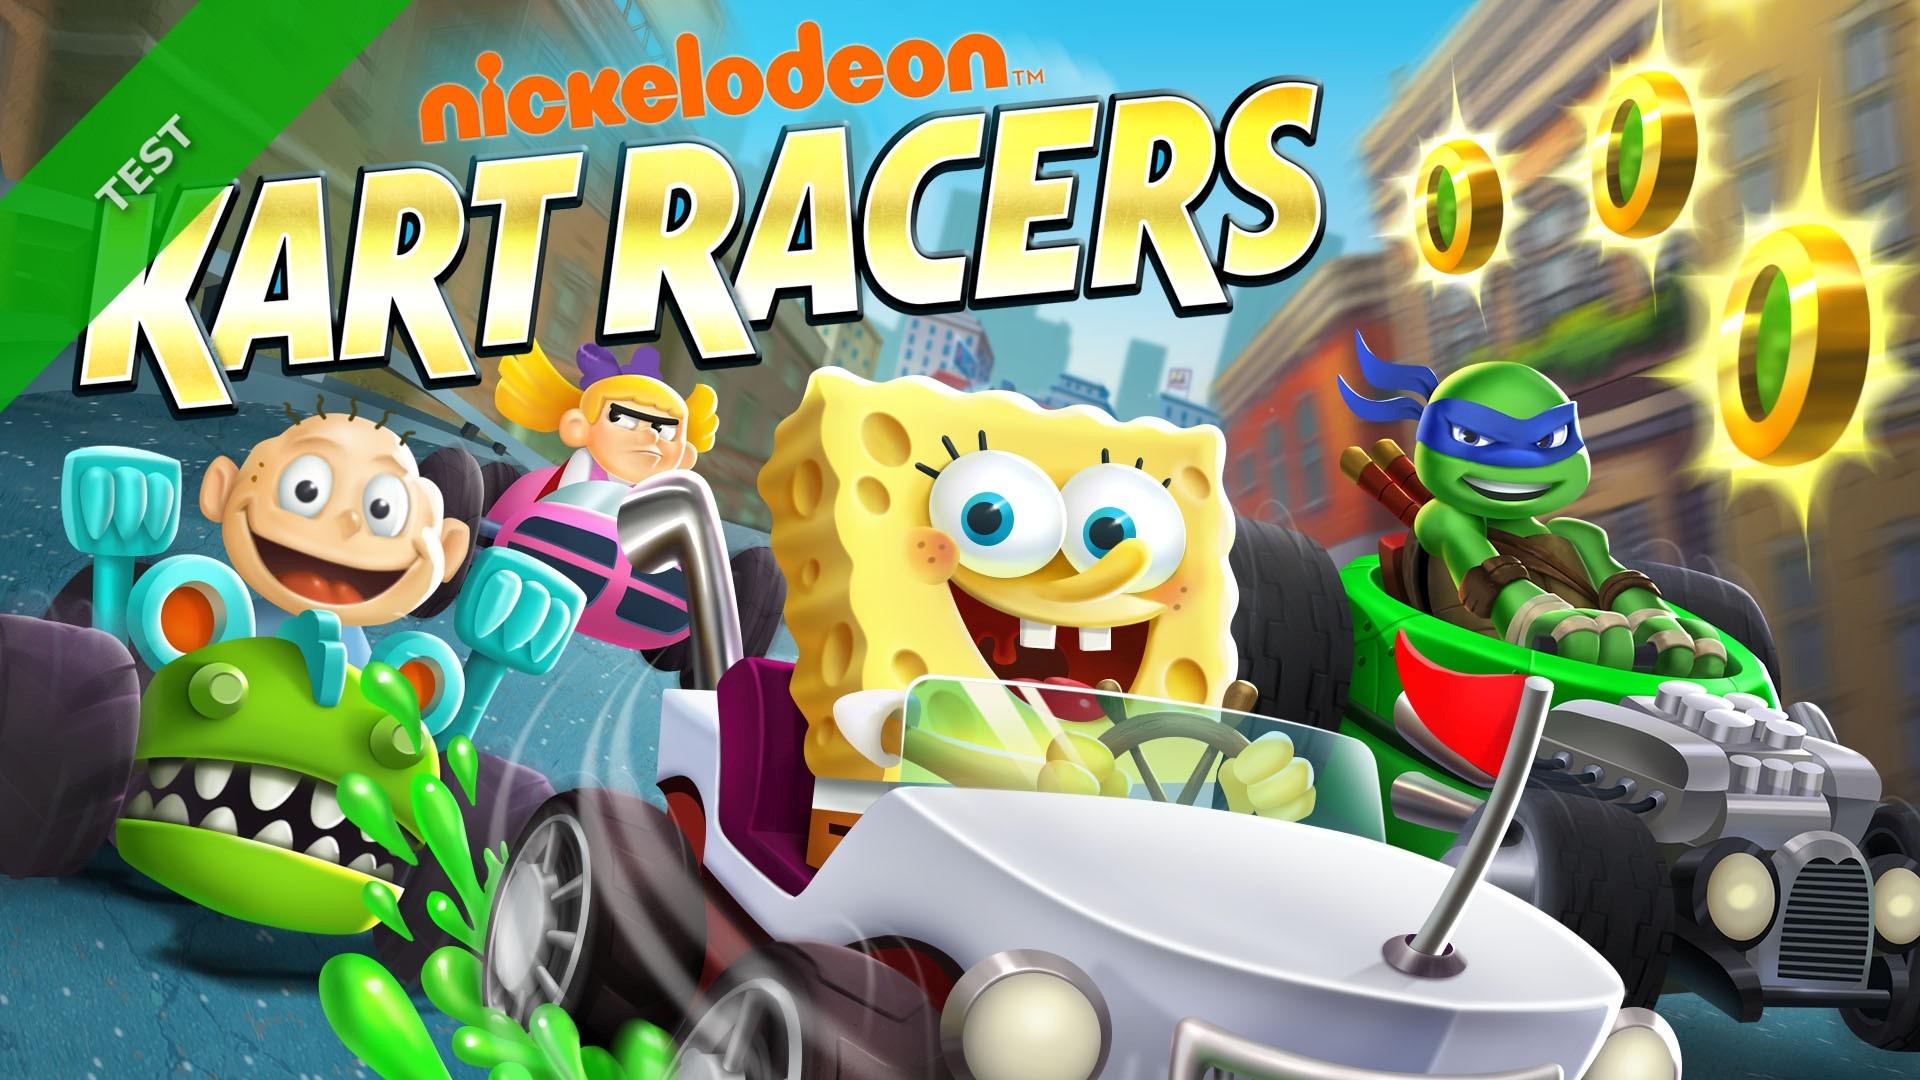 TEST Nickelodeon Kart Racers XWFR